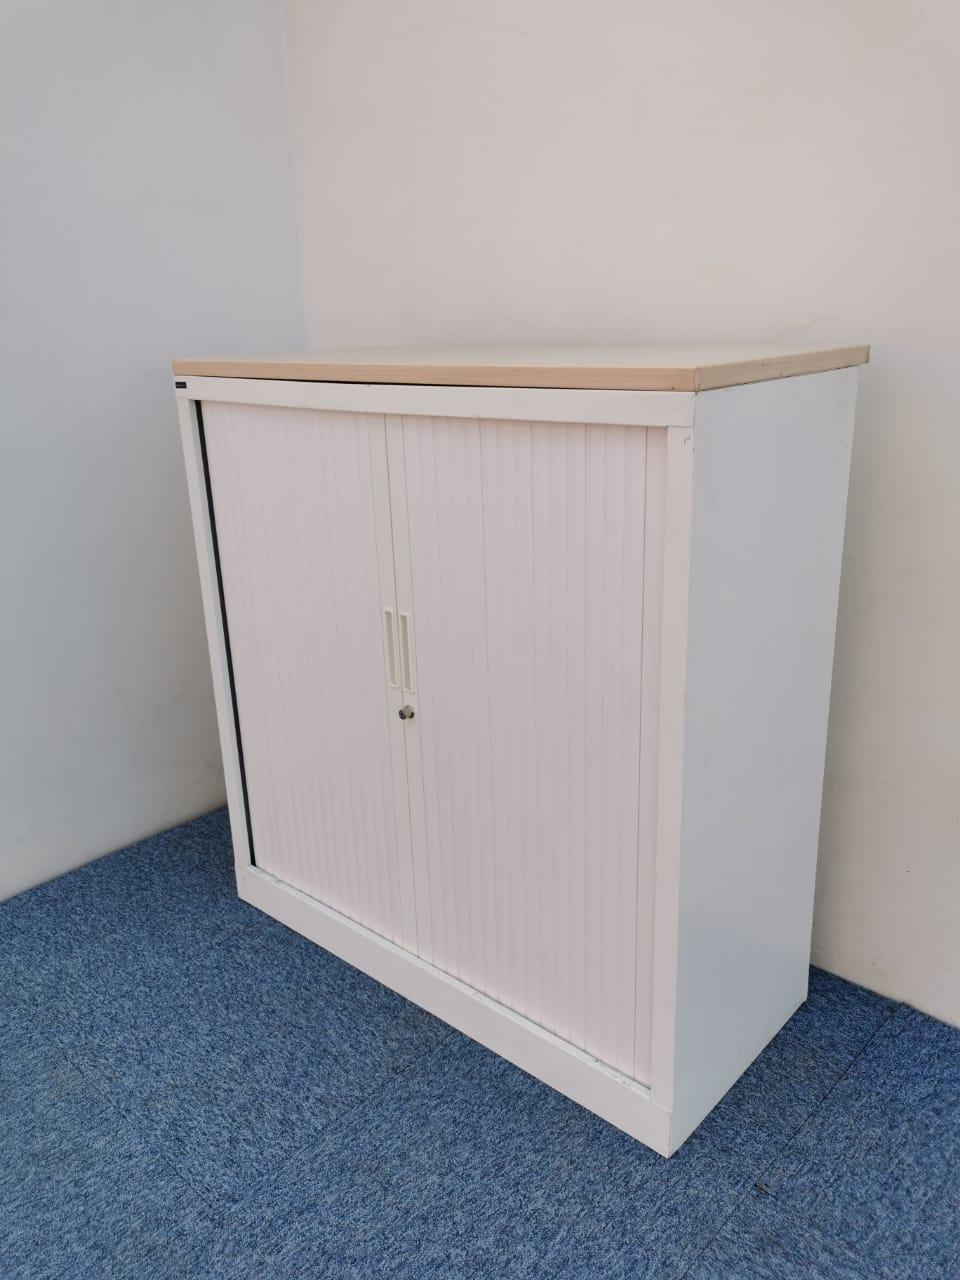 Armoire basse blanche magencia 100x100cm sans clé